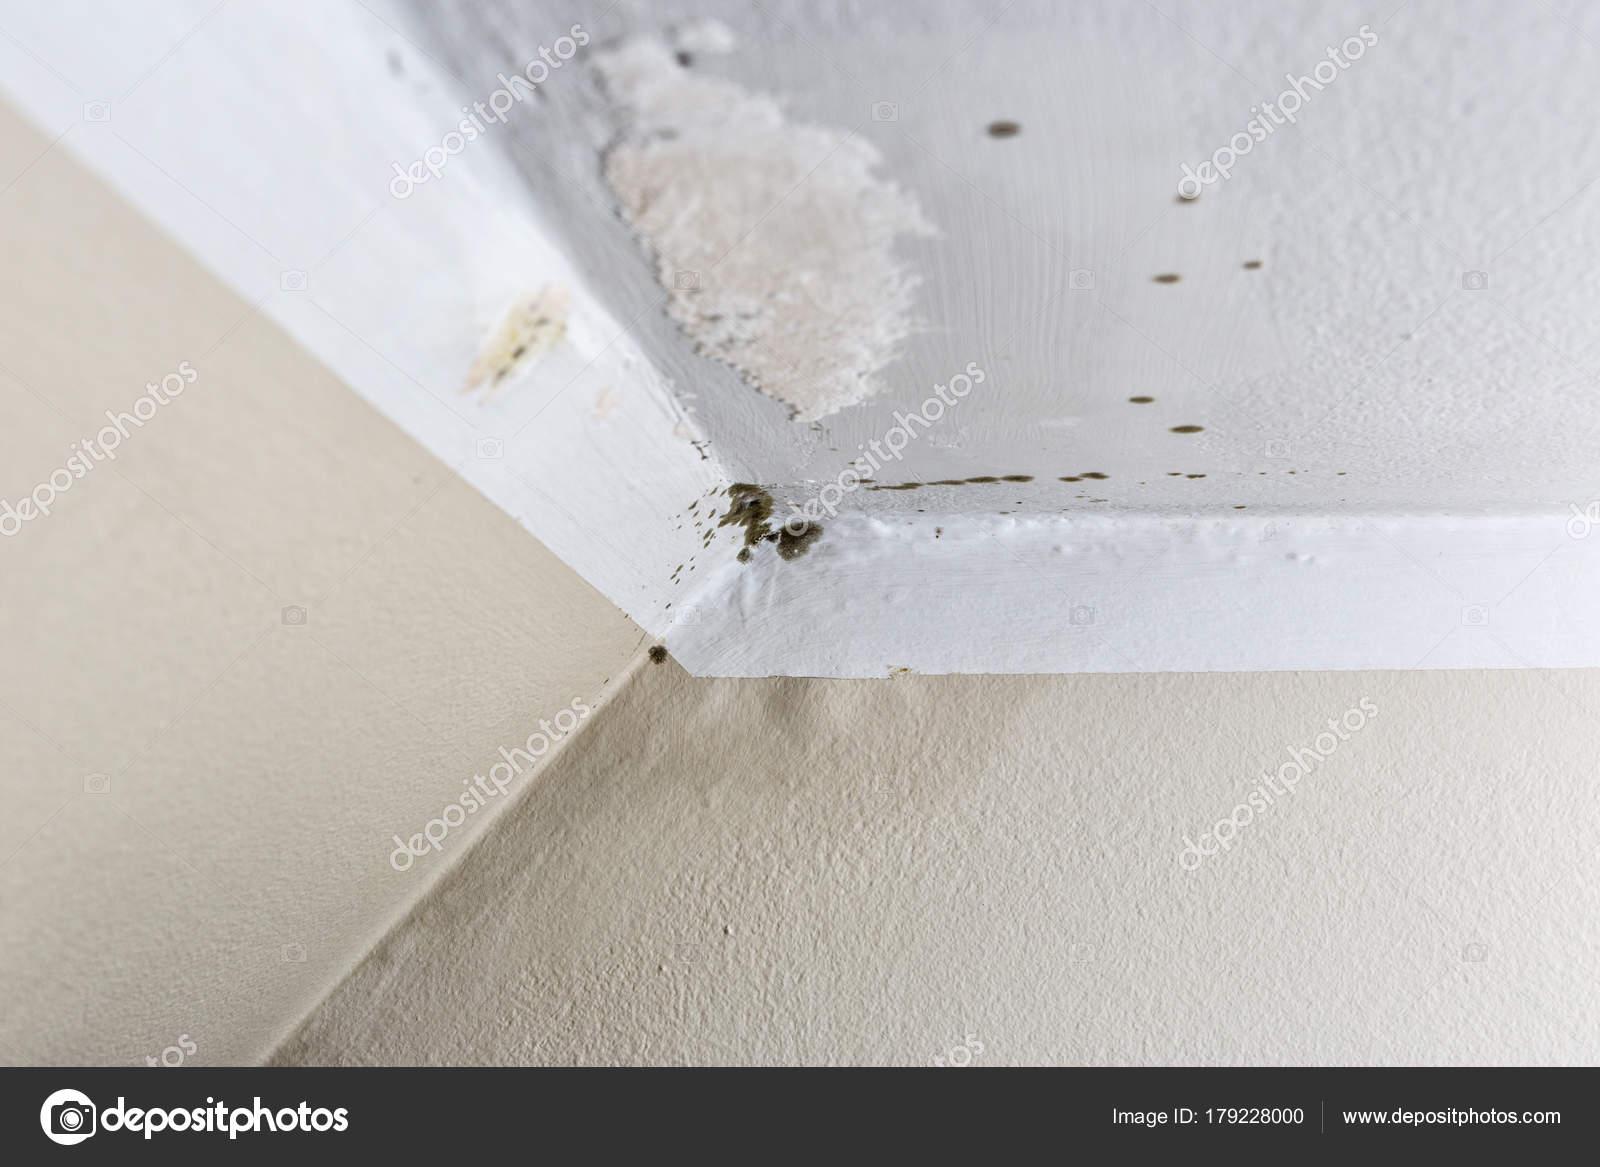 Daños causados por la humedad en una pared en casa — Foto de stock ...